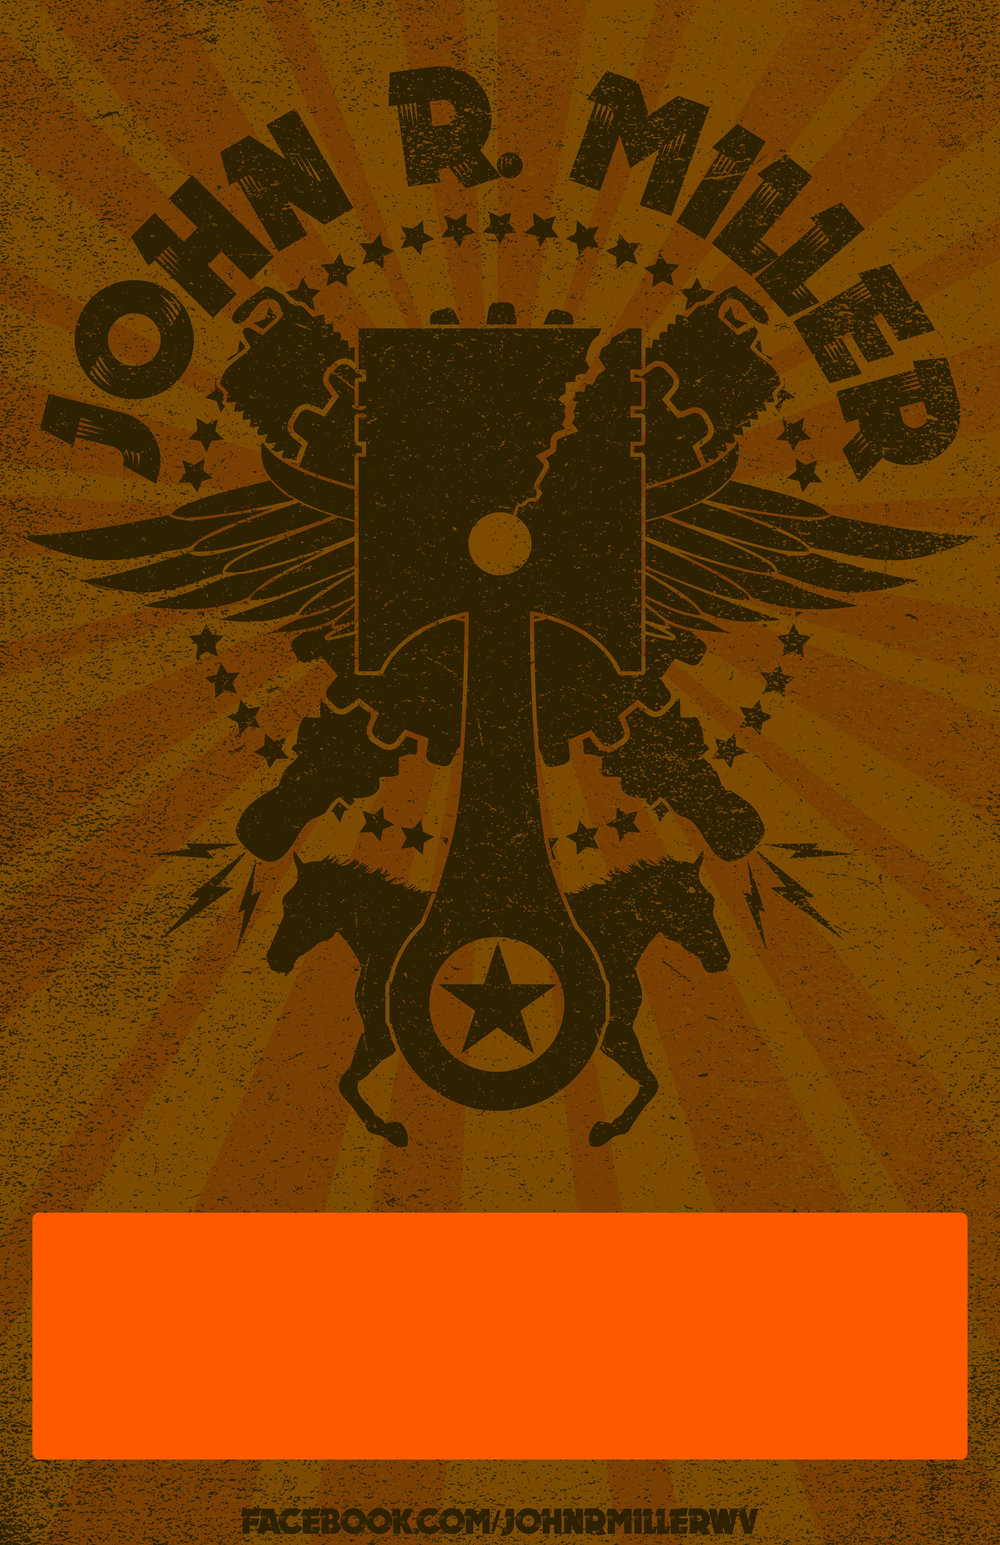 John R Miller Piston Design BLANK POSTER.jpg